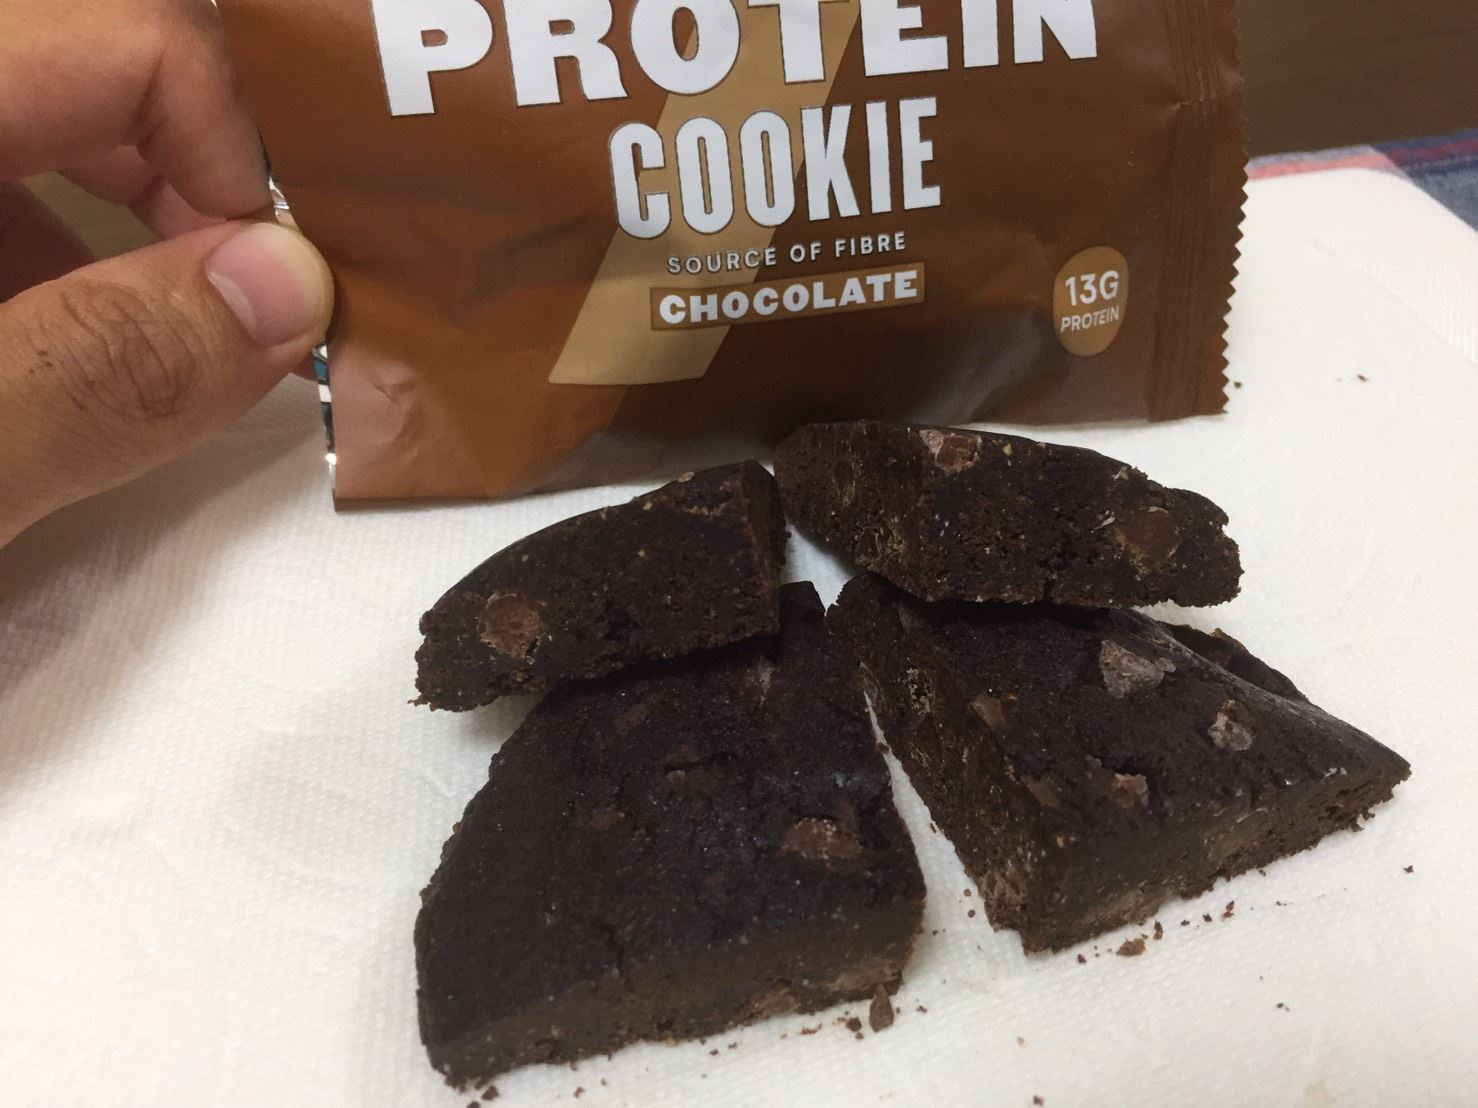 マイプロテインのベイクドプロテインクッキーの断面の様子